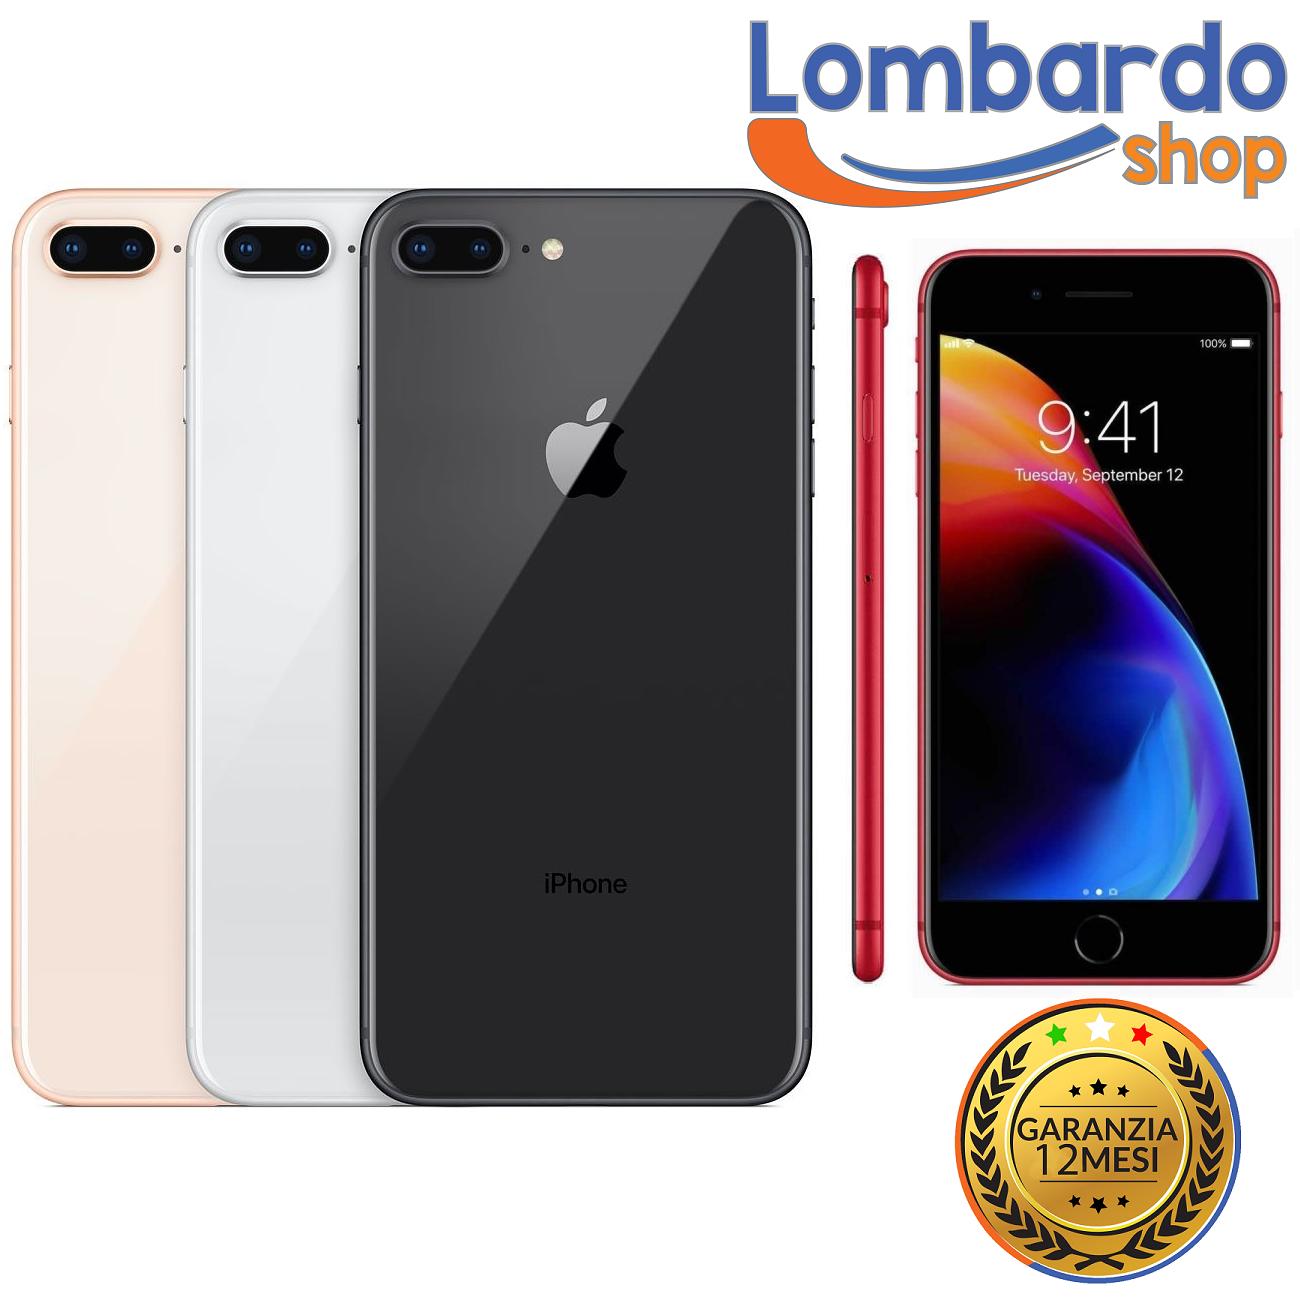 iPhone: IPHONE 8 PLUS RICONDIZIONATO 64GB GRADO B BIANCO NERO ORO RED APPLE RIGENERATO